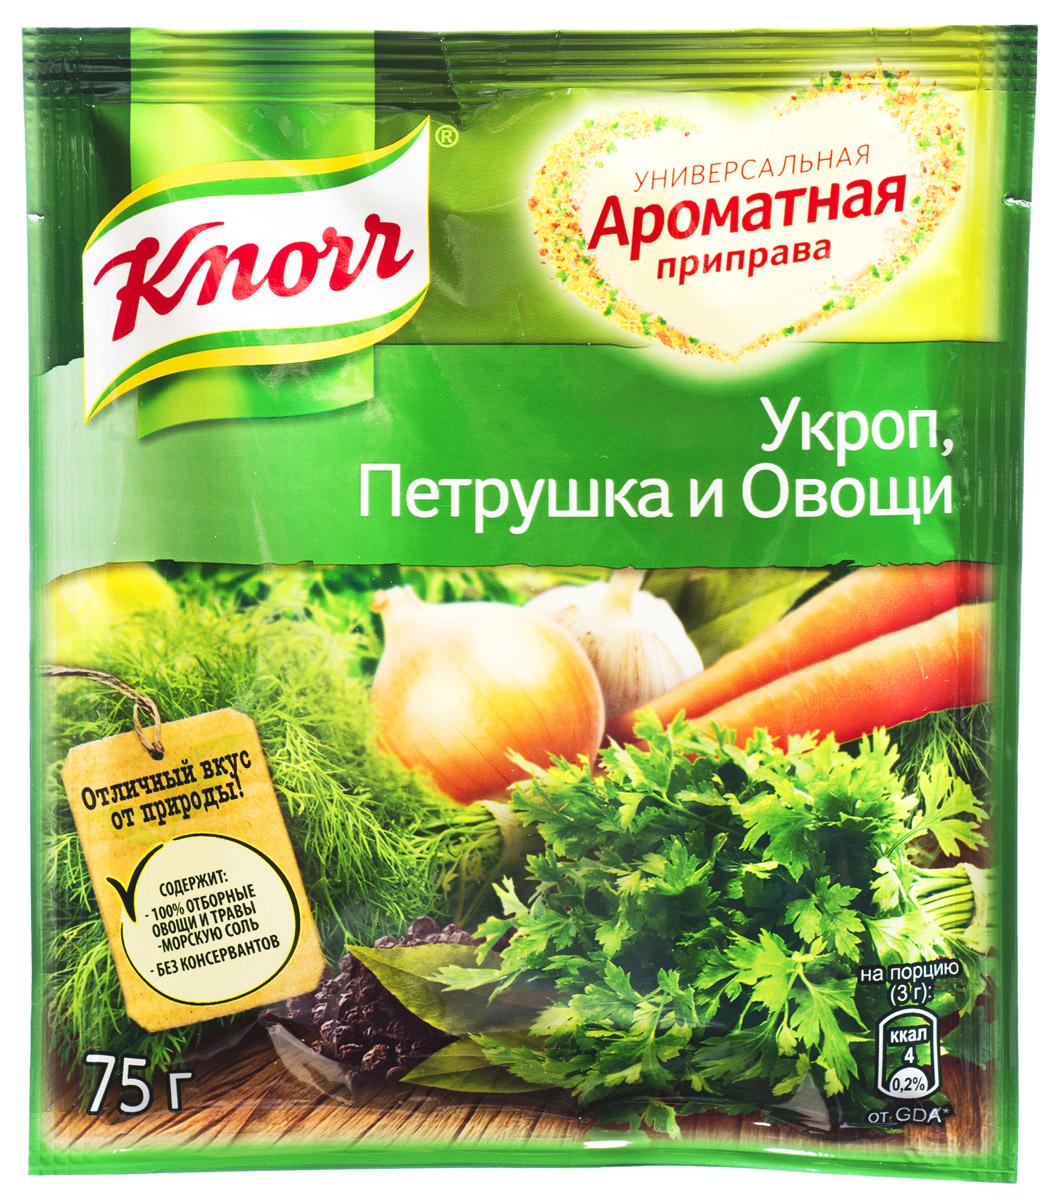 Knorr Ароматная приправа, 75 г20243854Выращенные с любовью натуральные спелые овощи мы дополнили знакомыми травами: укропом и петрушкой. Добавьте Ароматную приправу, и кухню наполнит пикантный аромат свежей зелени! Правильные пропорции любимых трав в сочетании с полезной морской солью в составе придадут вашим блюдам сбалансированный вкус.Всем привычное и любимое сочетание укропа и петрушки уходит корнями в исконно русские рецепты наших прабабушек. У каждой хозяйки есть под рукой эти две травки для дополнения и украшения салатов, супов и гарниров. Молодые побеги укропа добавляют в горячие и холодные блюда. Его листья и стебли придают еде освежающий вкус и летний аромат.Если ароматный укроп — северная приправа, то петрушка — южная. Основной ее аромат находится в стеблях, а не в листьях, поэтому для супов, гарниров и вторых блюд ее издавна используют в сушеном виде. Особенно подходит петрушка к рыбным блюдам, придавая нежному рыбному мясу пряный вкус и аромат.Когда овощи и травы попадают в воду, они снова распускаются, даря любому блюду свой вкус и аромат. А полезная морская соль сделает ваши блюда не только ароматными, но и здоровыми!Уважаемые клиенты! Обращаем ваше внимание, что полный перечень состава продукта представлен на дополнительном изображении.